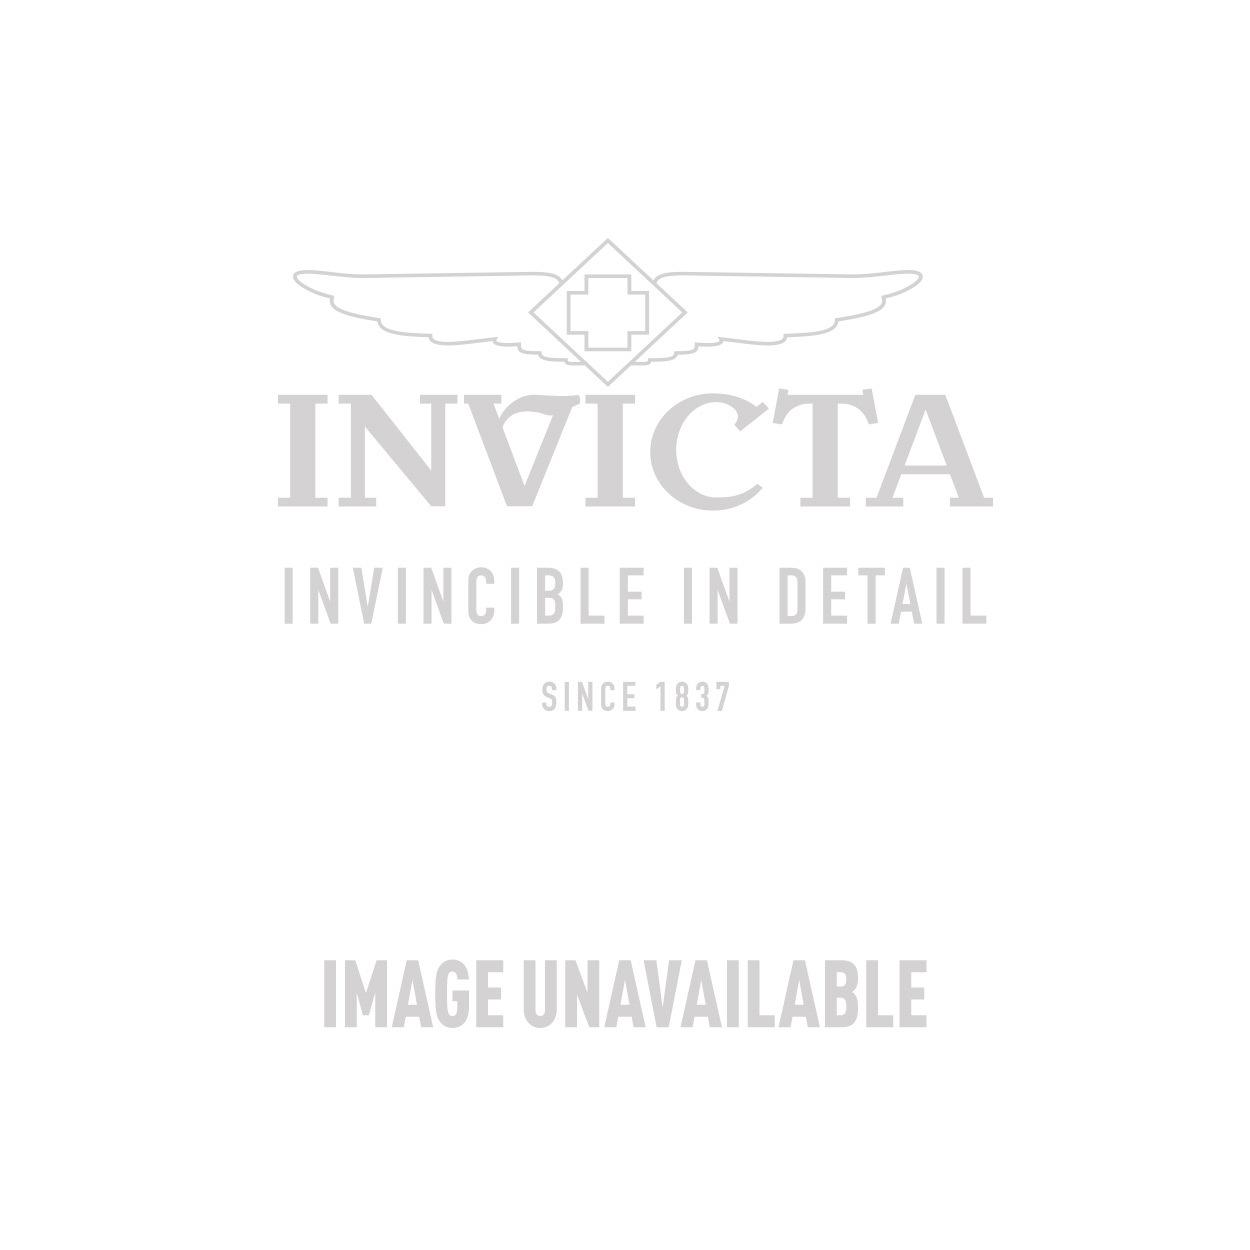 Invicta Model 24425